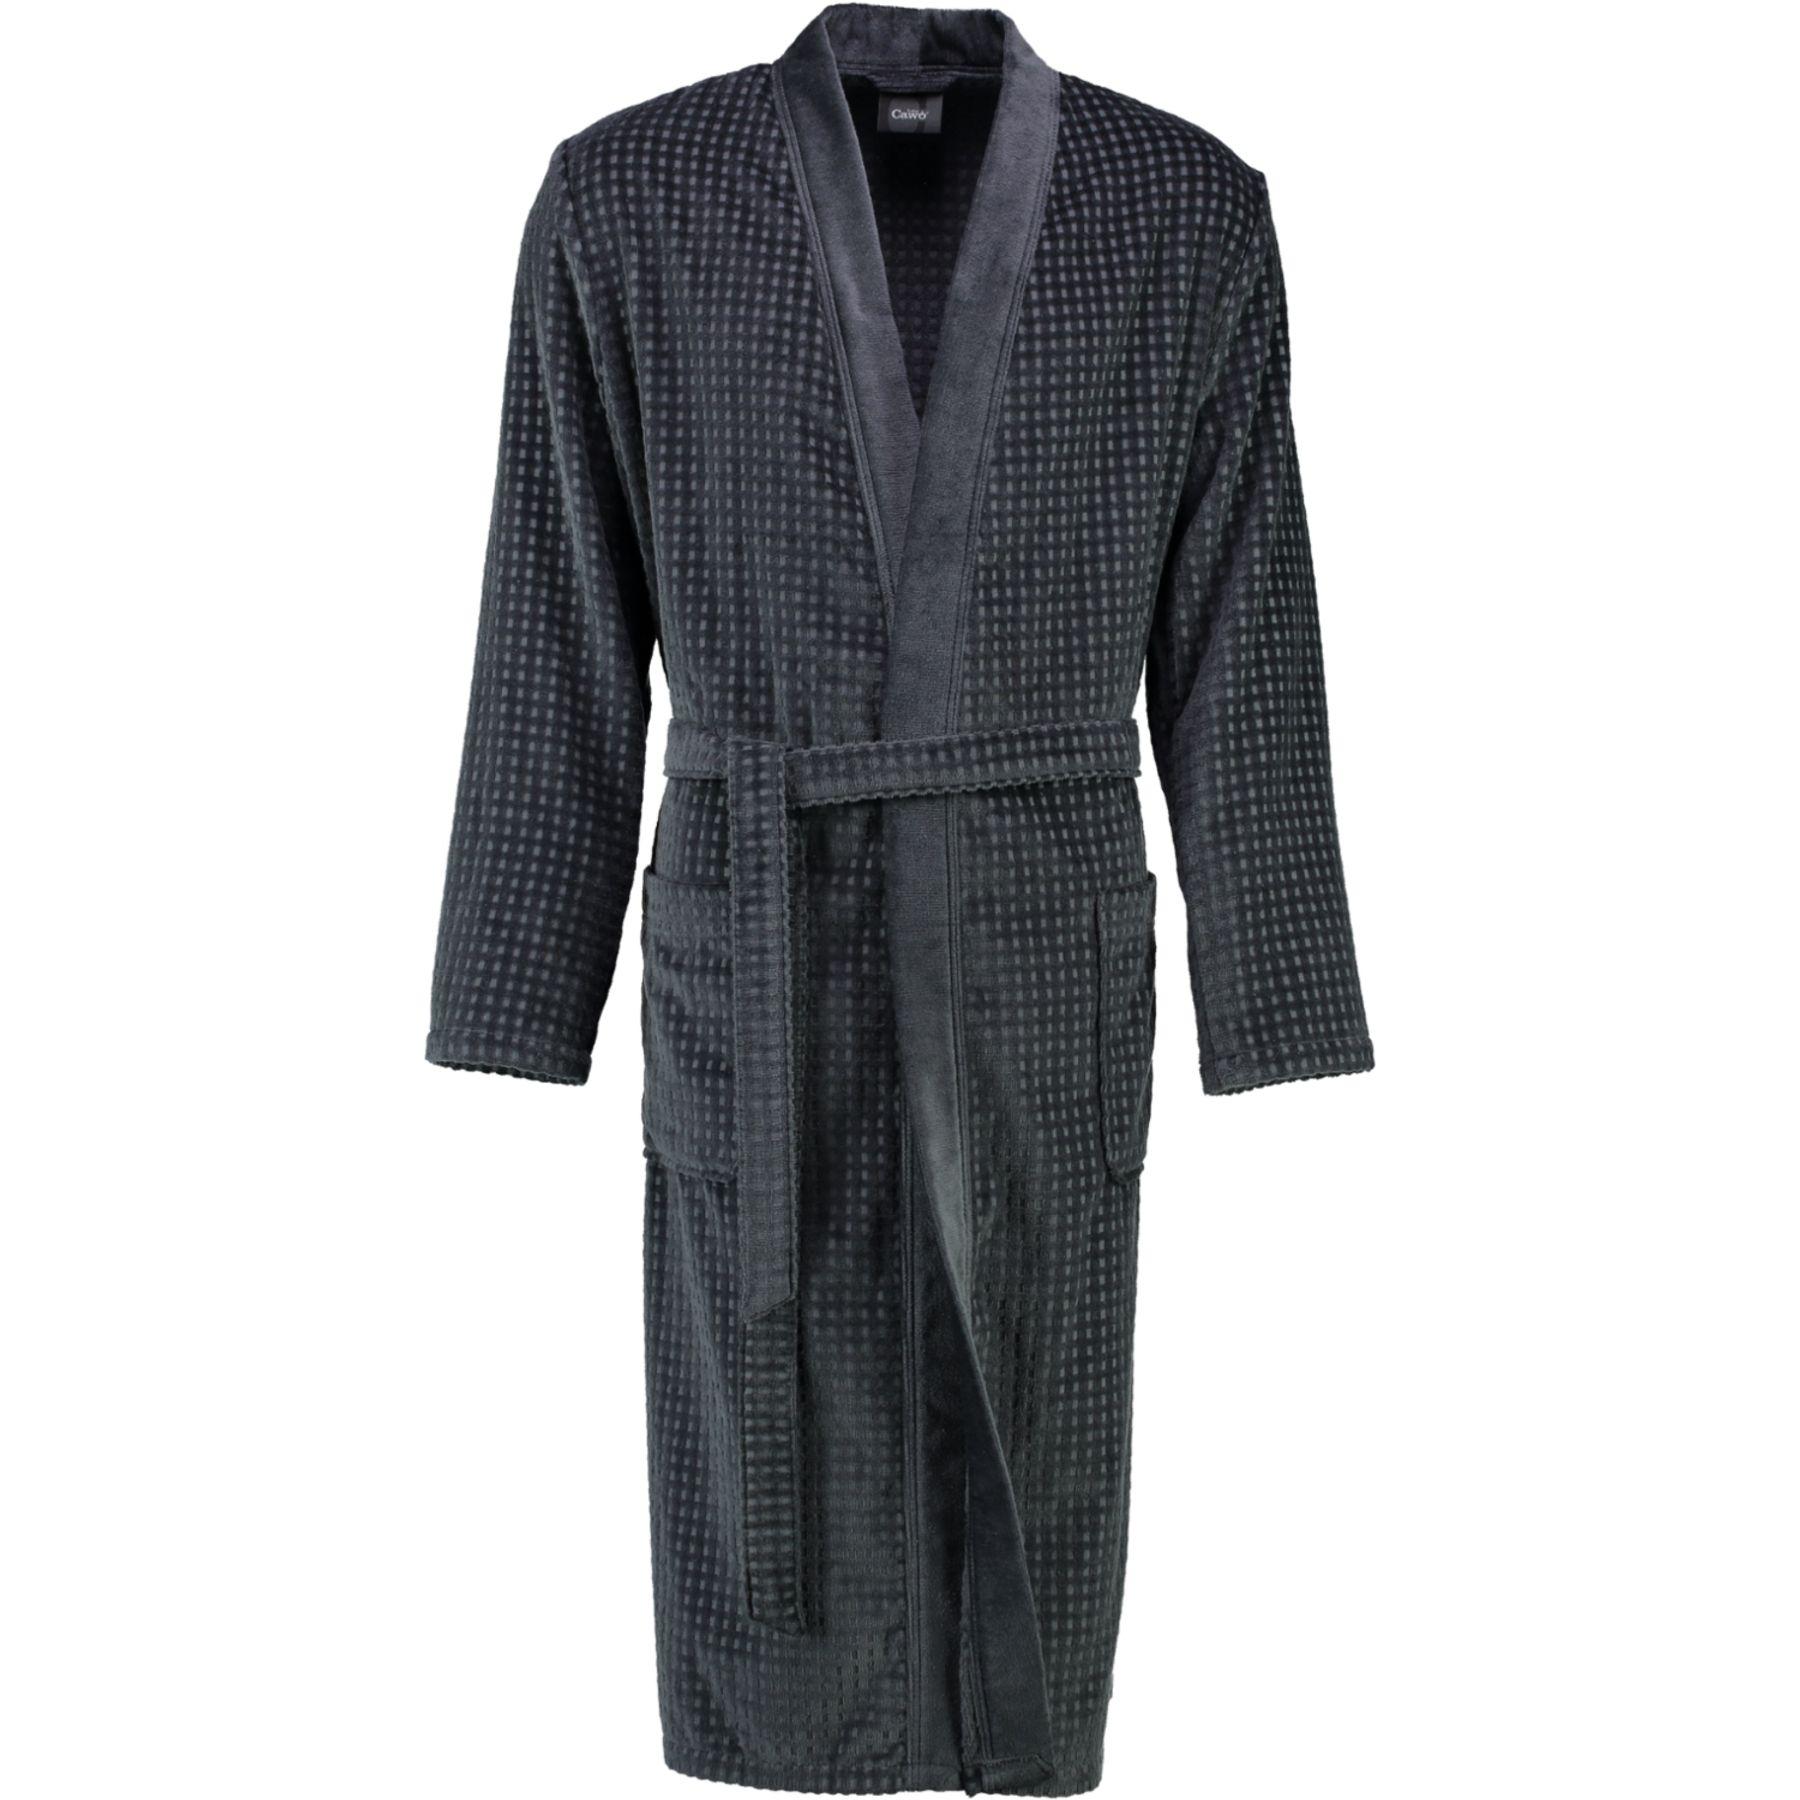 Cawö - Leichter Herren Walkvelours Bademantel in Kimono-Form, Waffelpique-Qualität (3714-SG3914-GG8199) – Bild 7